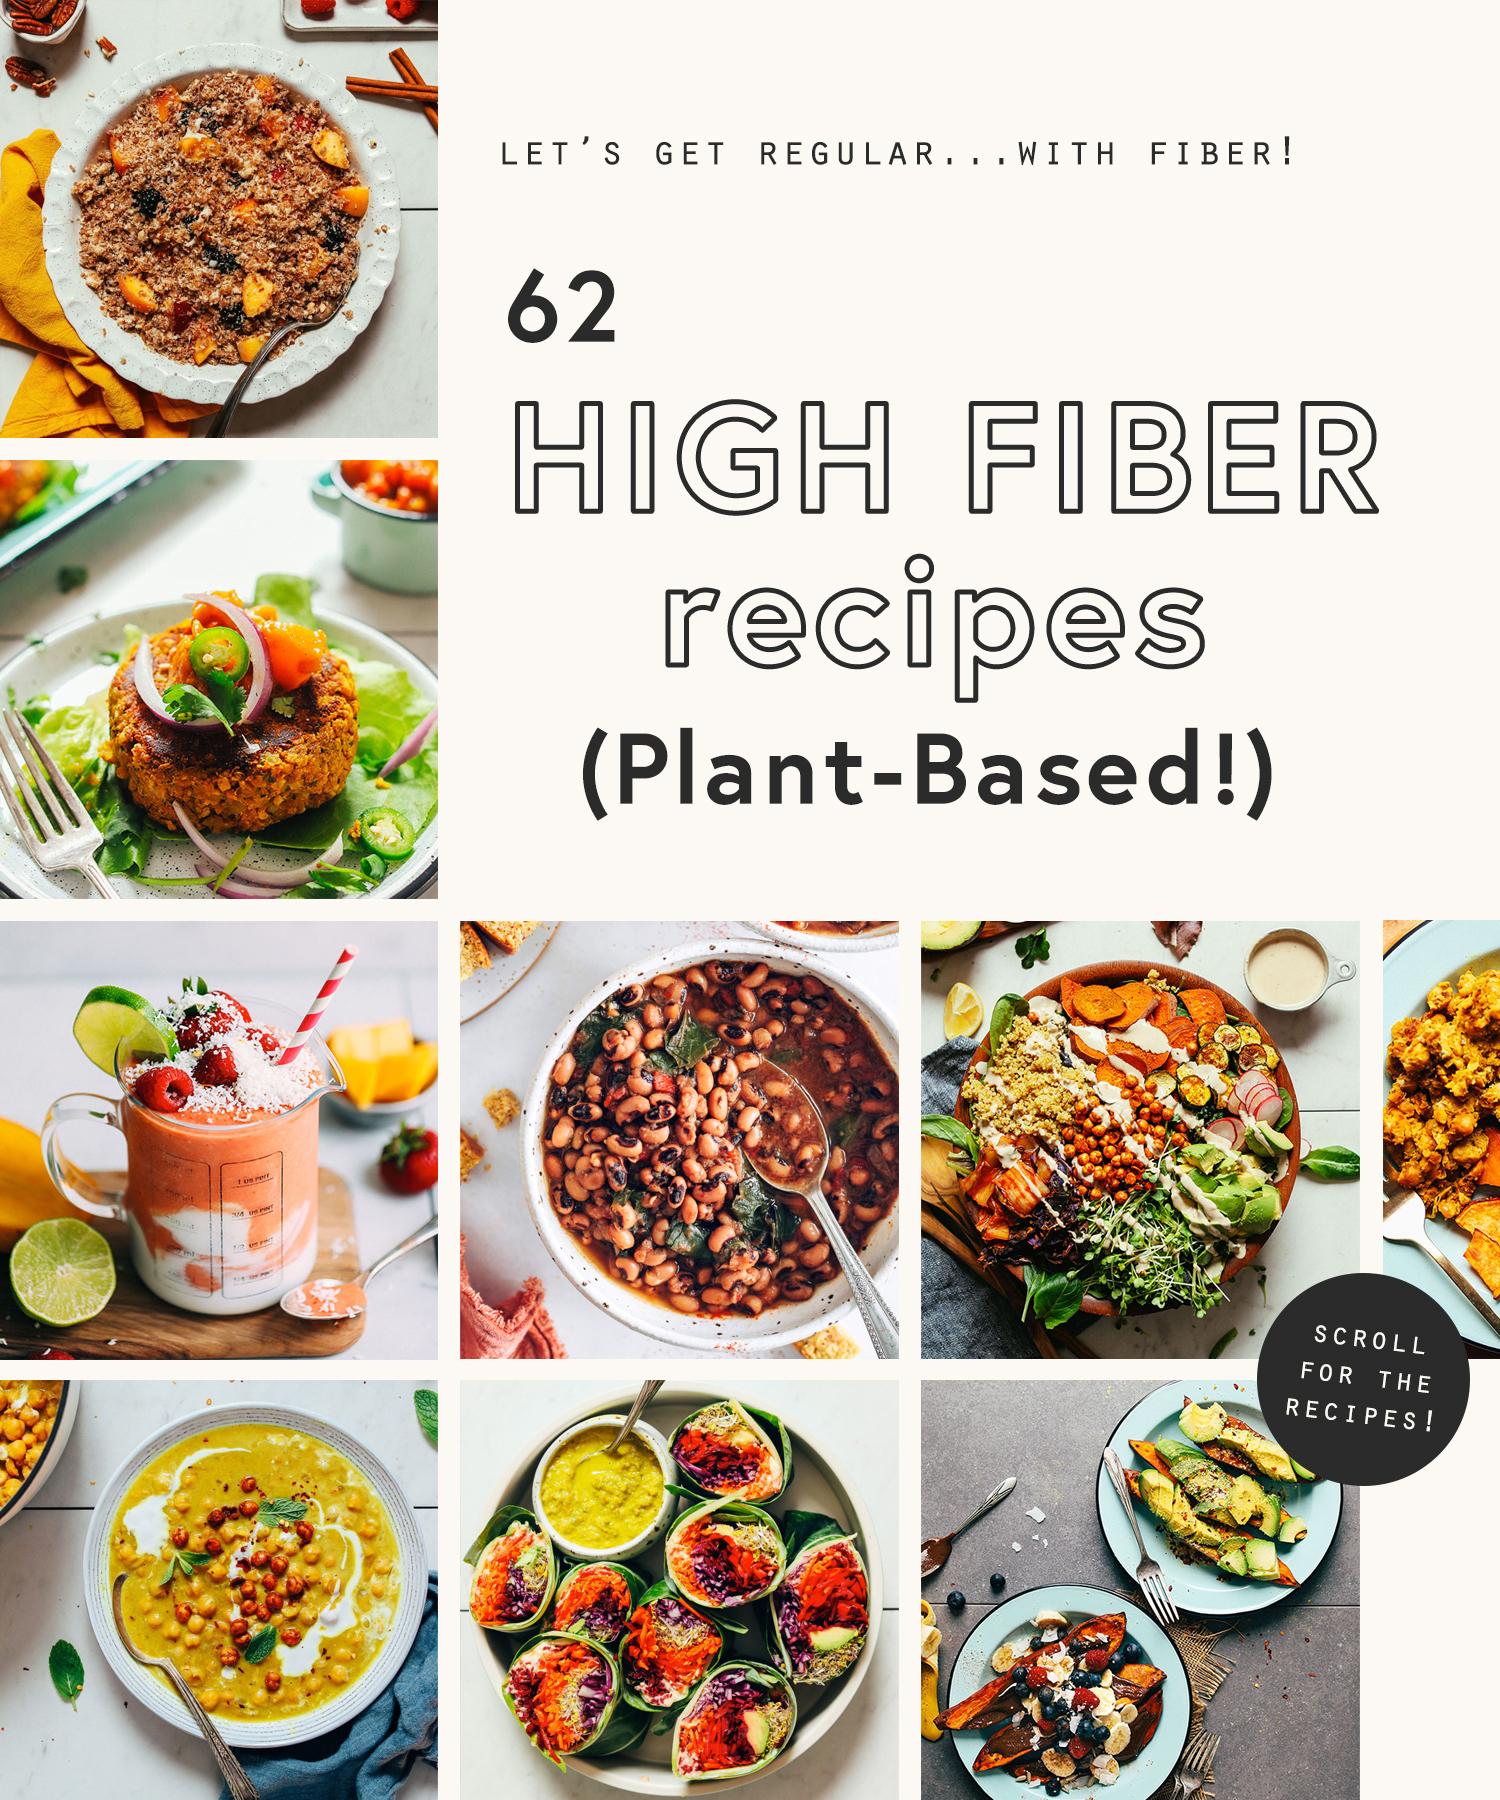 Assortment of high fiber recipes